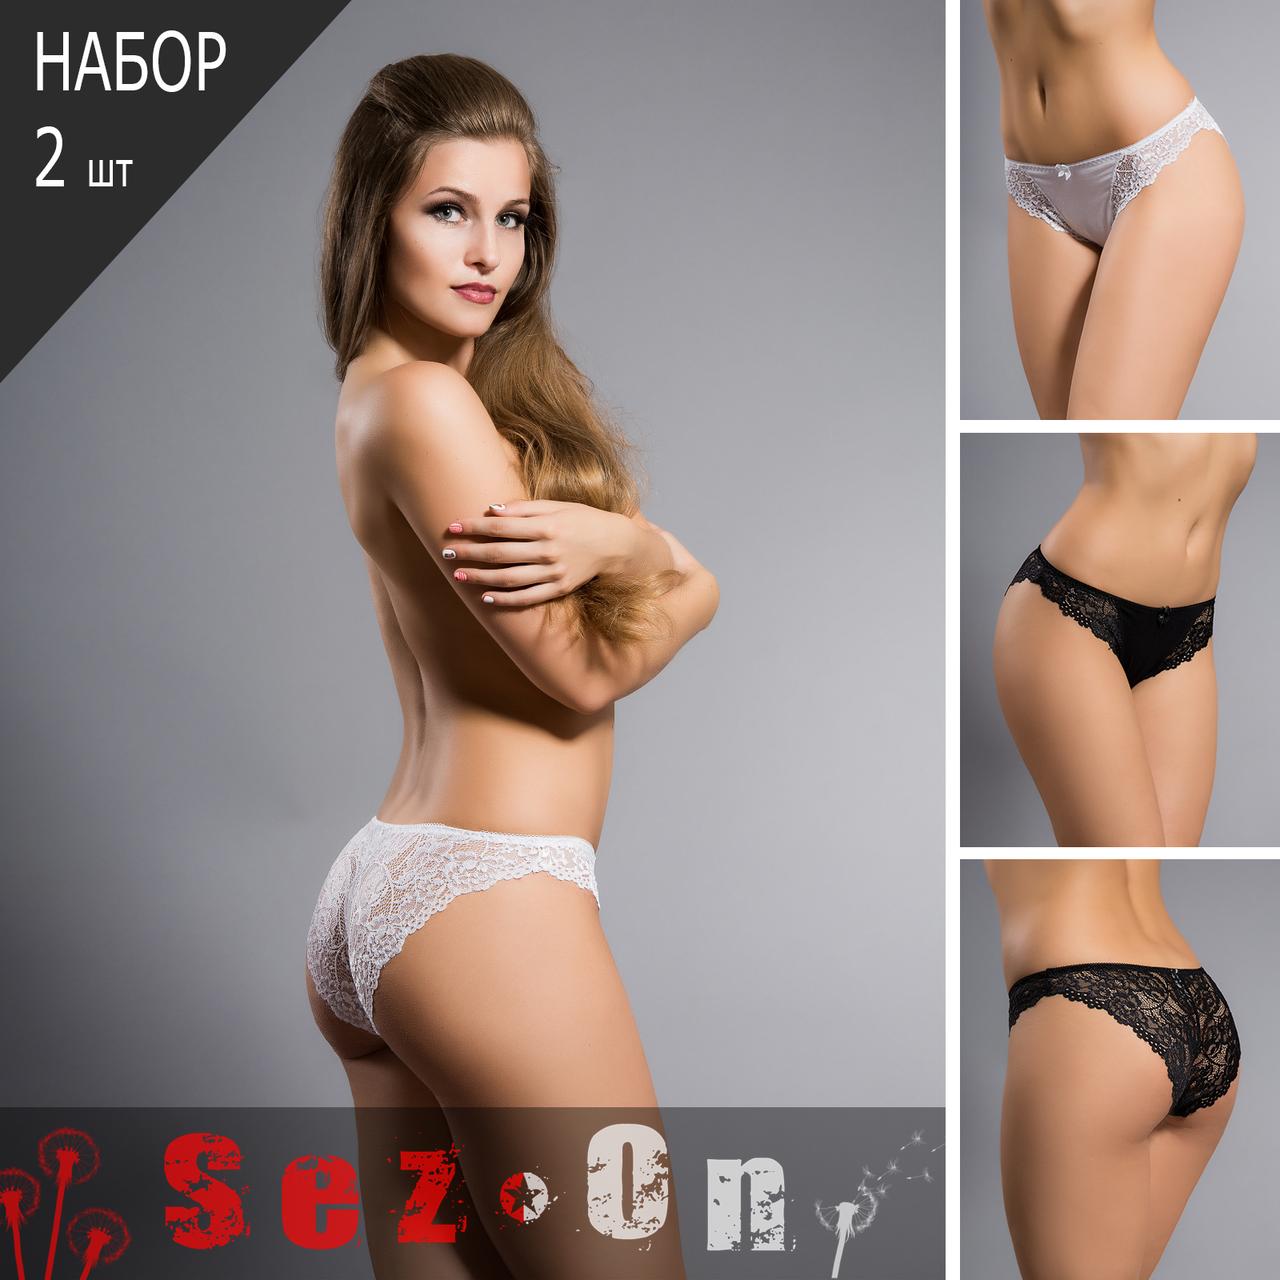 Гладкие женские закрытые трусики, средняя посадка Acousma  (оптом) - Sez On - Ваш сезон успешных покупок. в Одессе